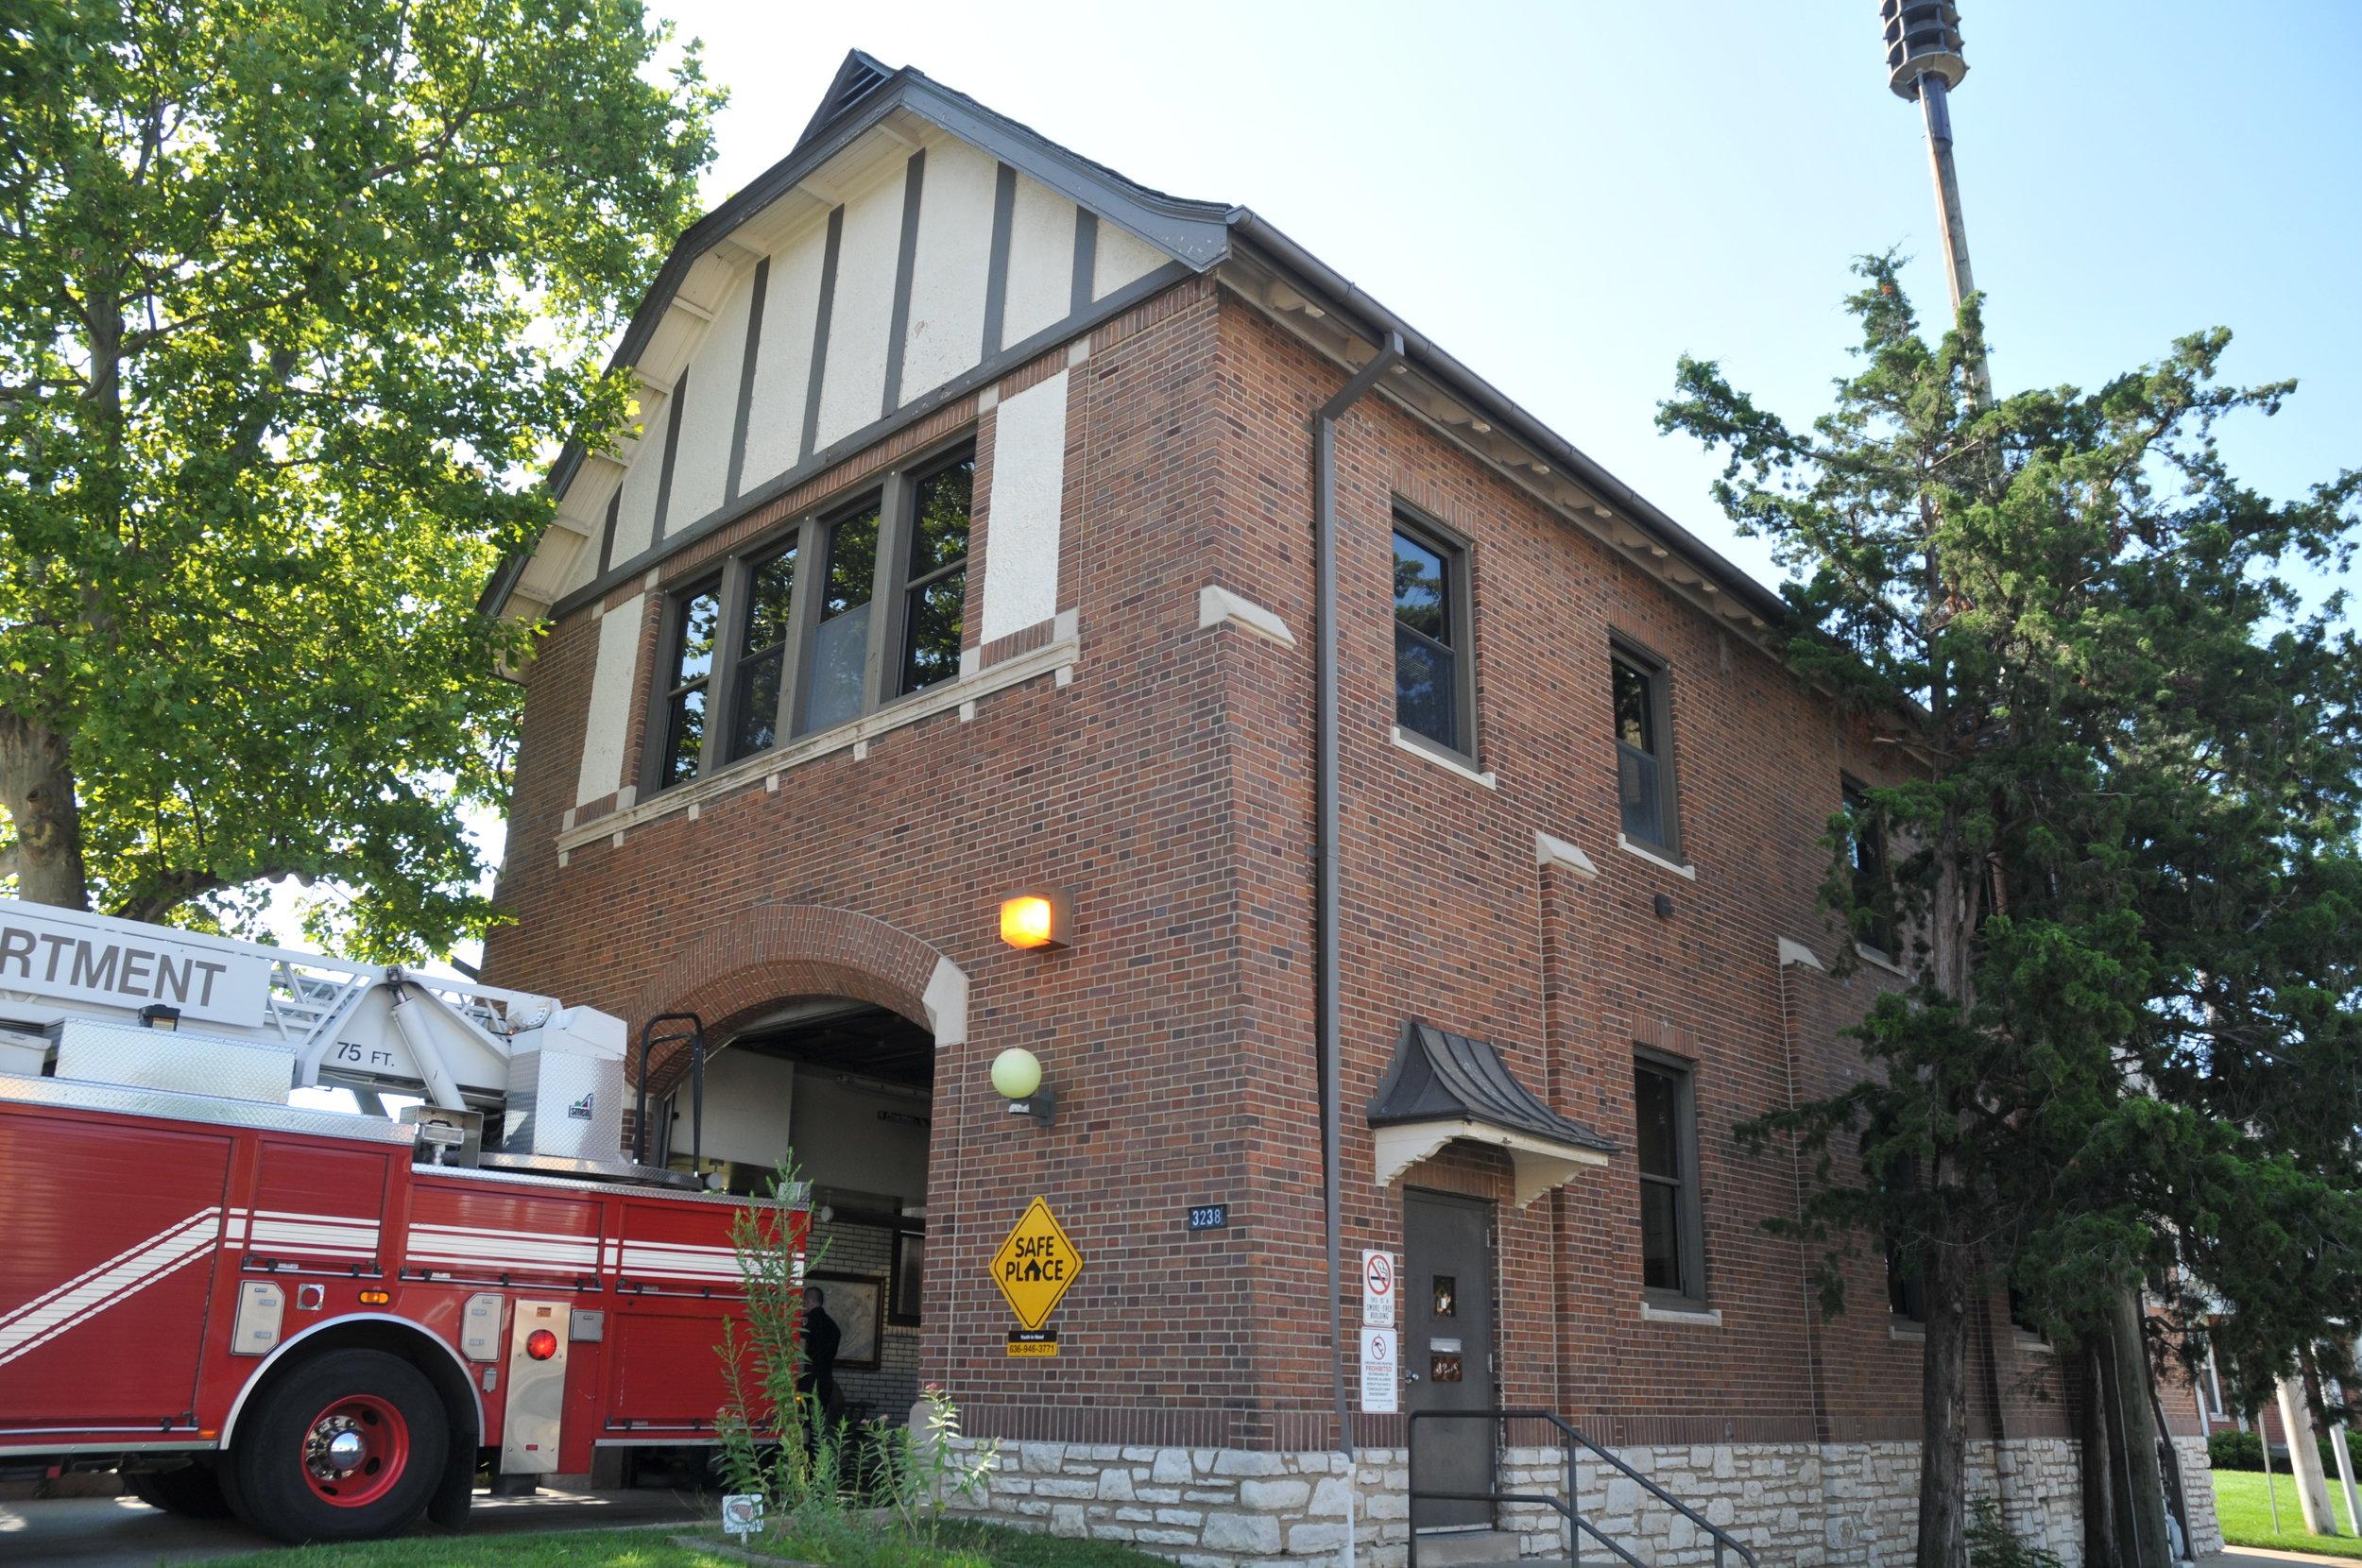 Firehouse #17 - Covenant Blu/Grand Center